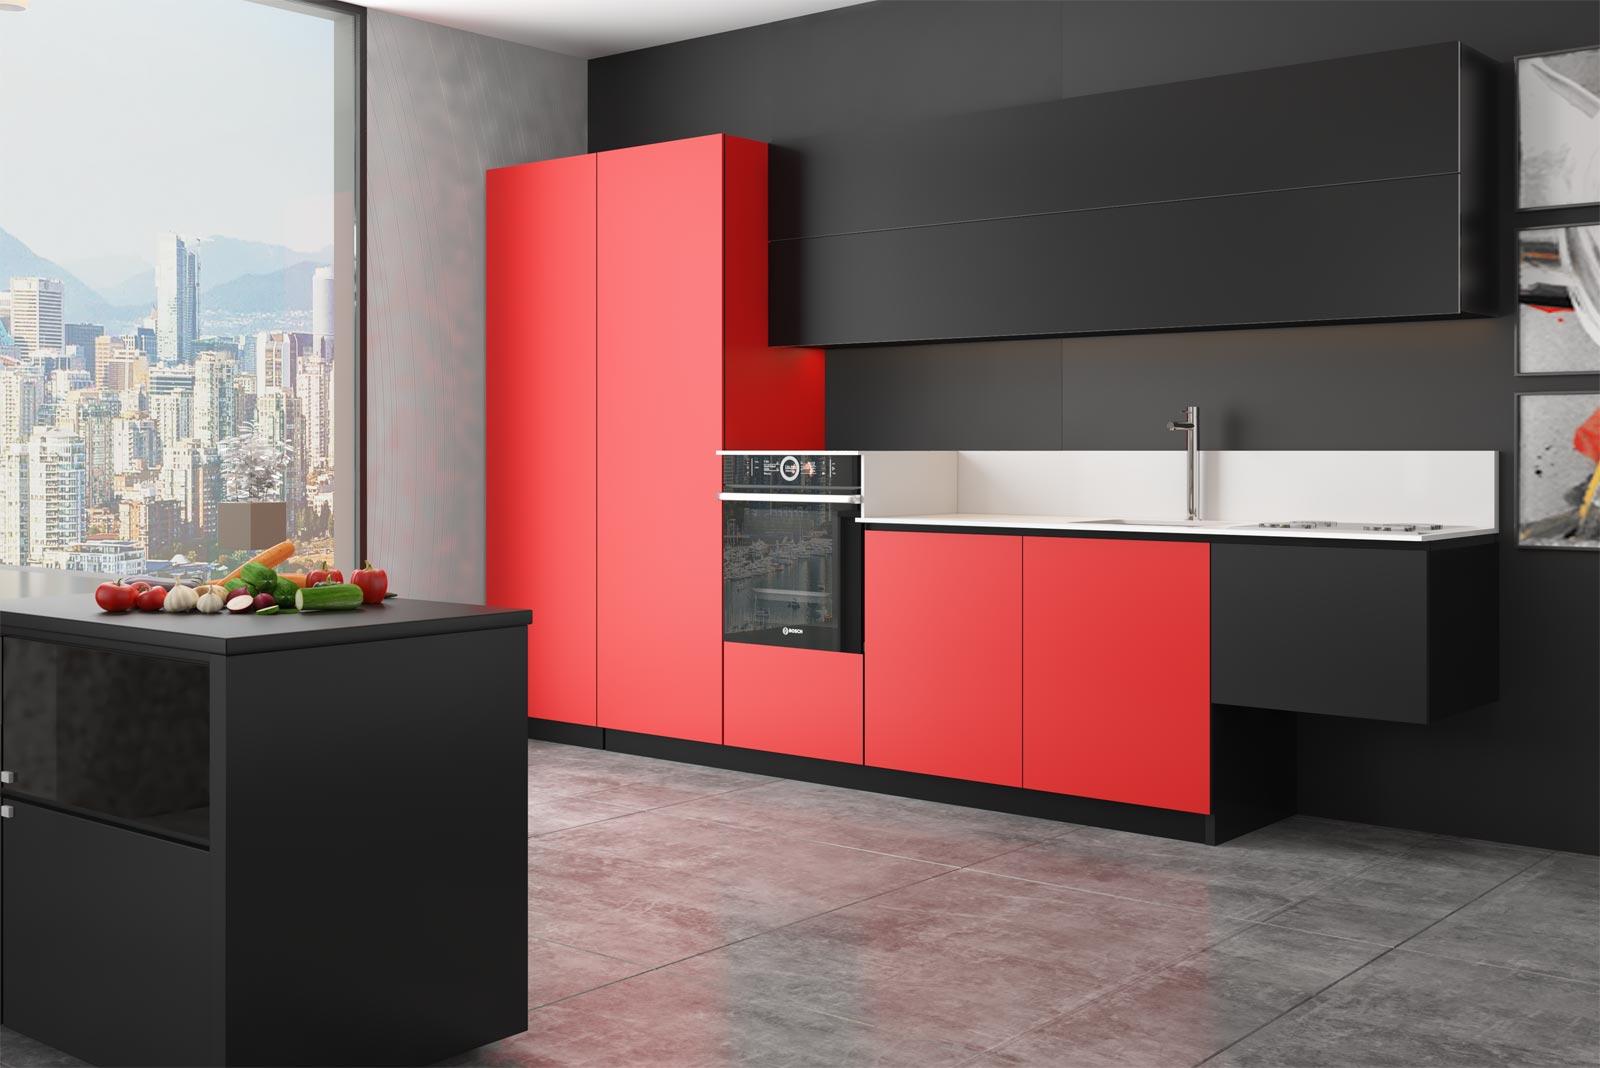 Cucine moderne con rivestimenti personalizzati | Replace Design